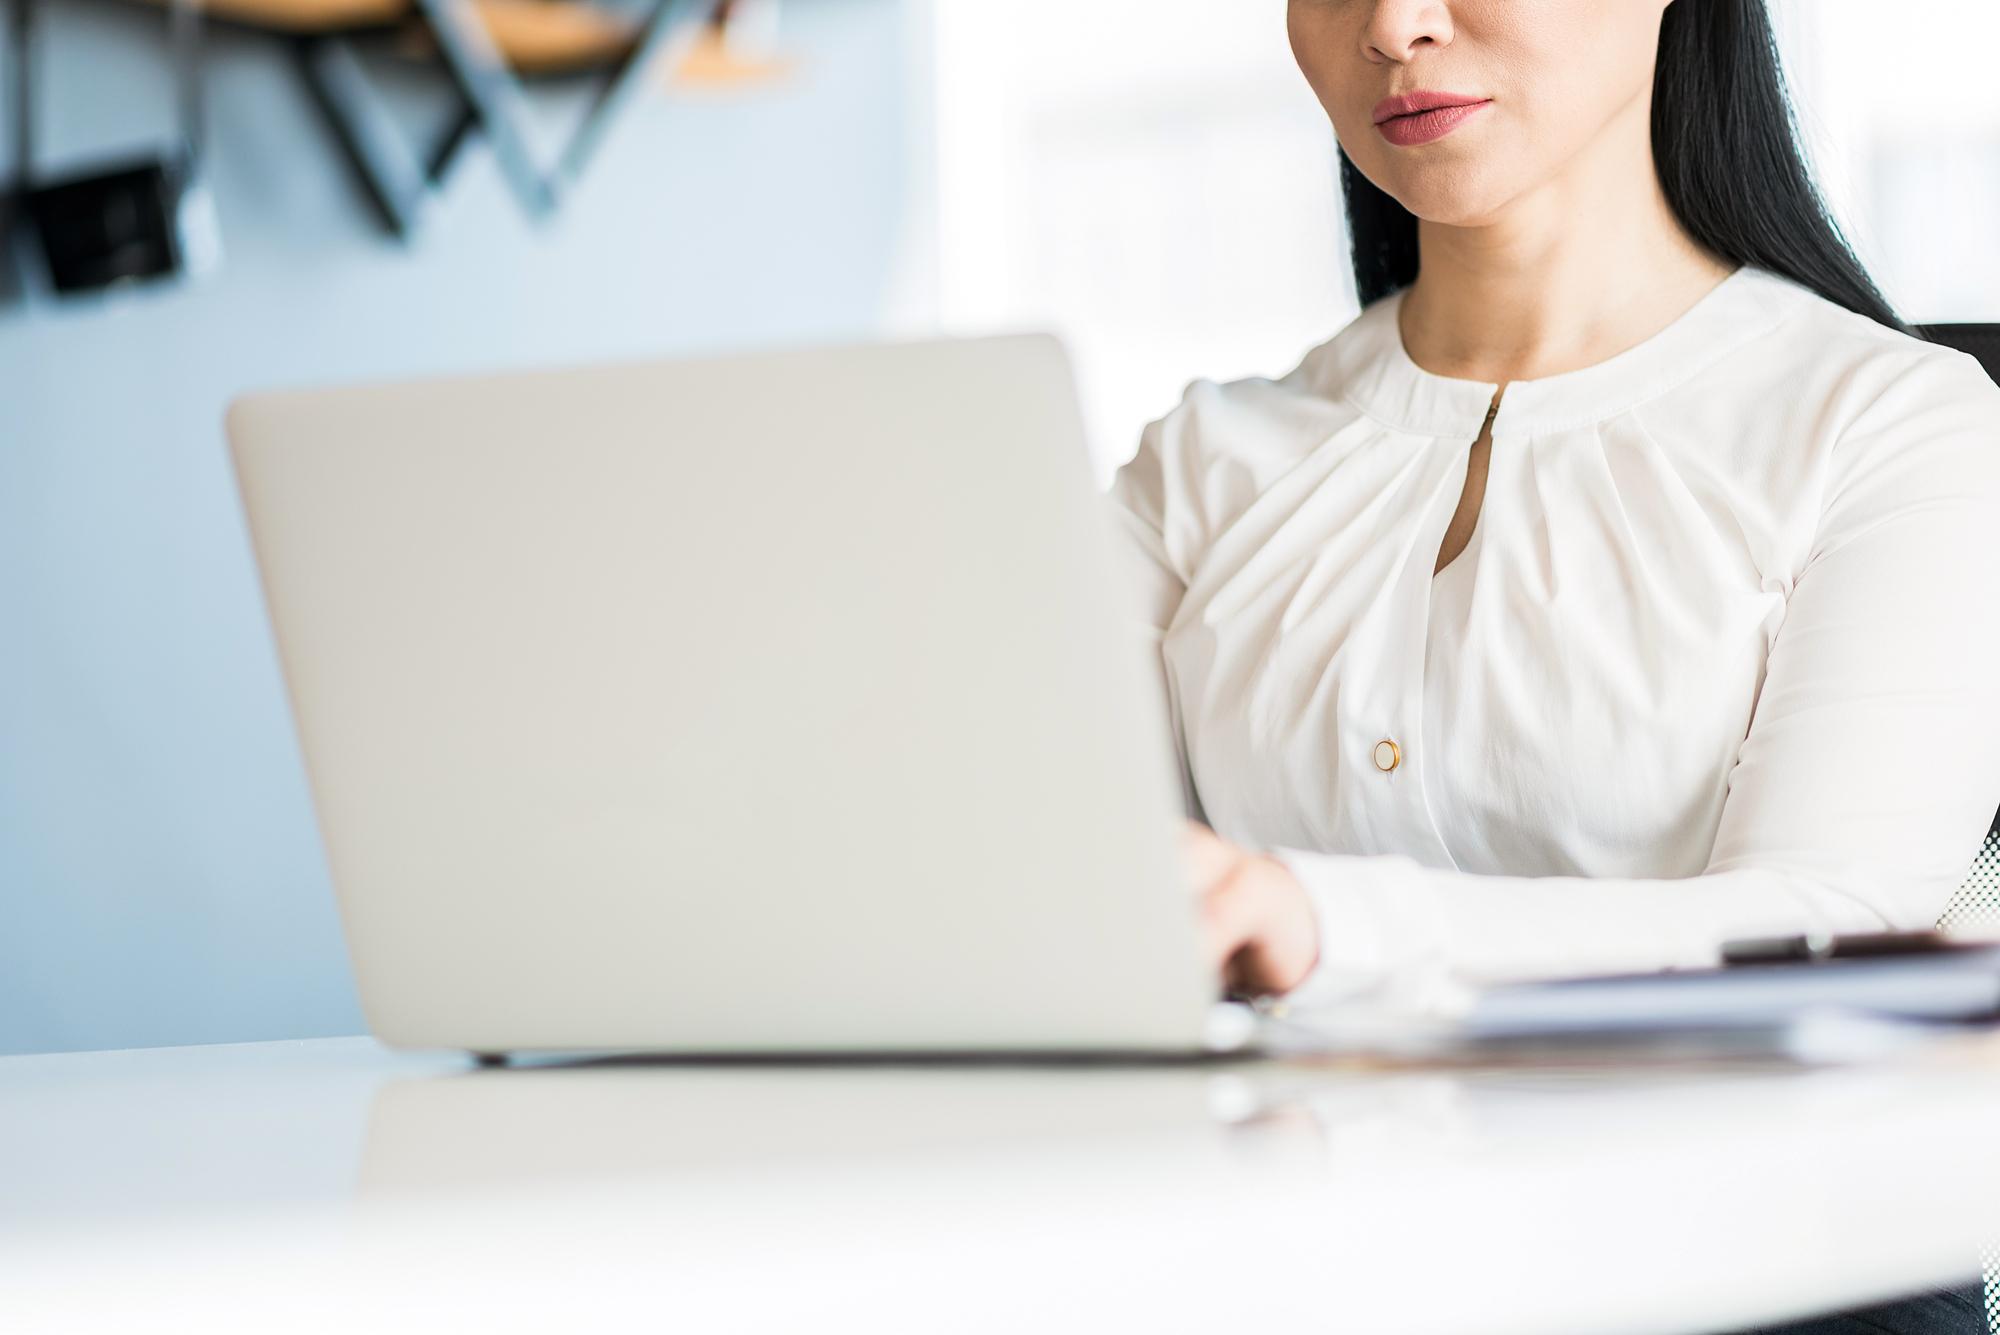 集中して仕事をする女性